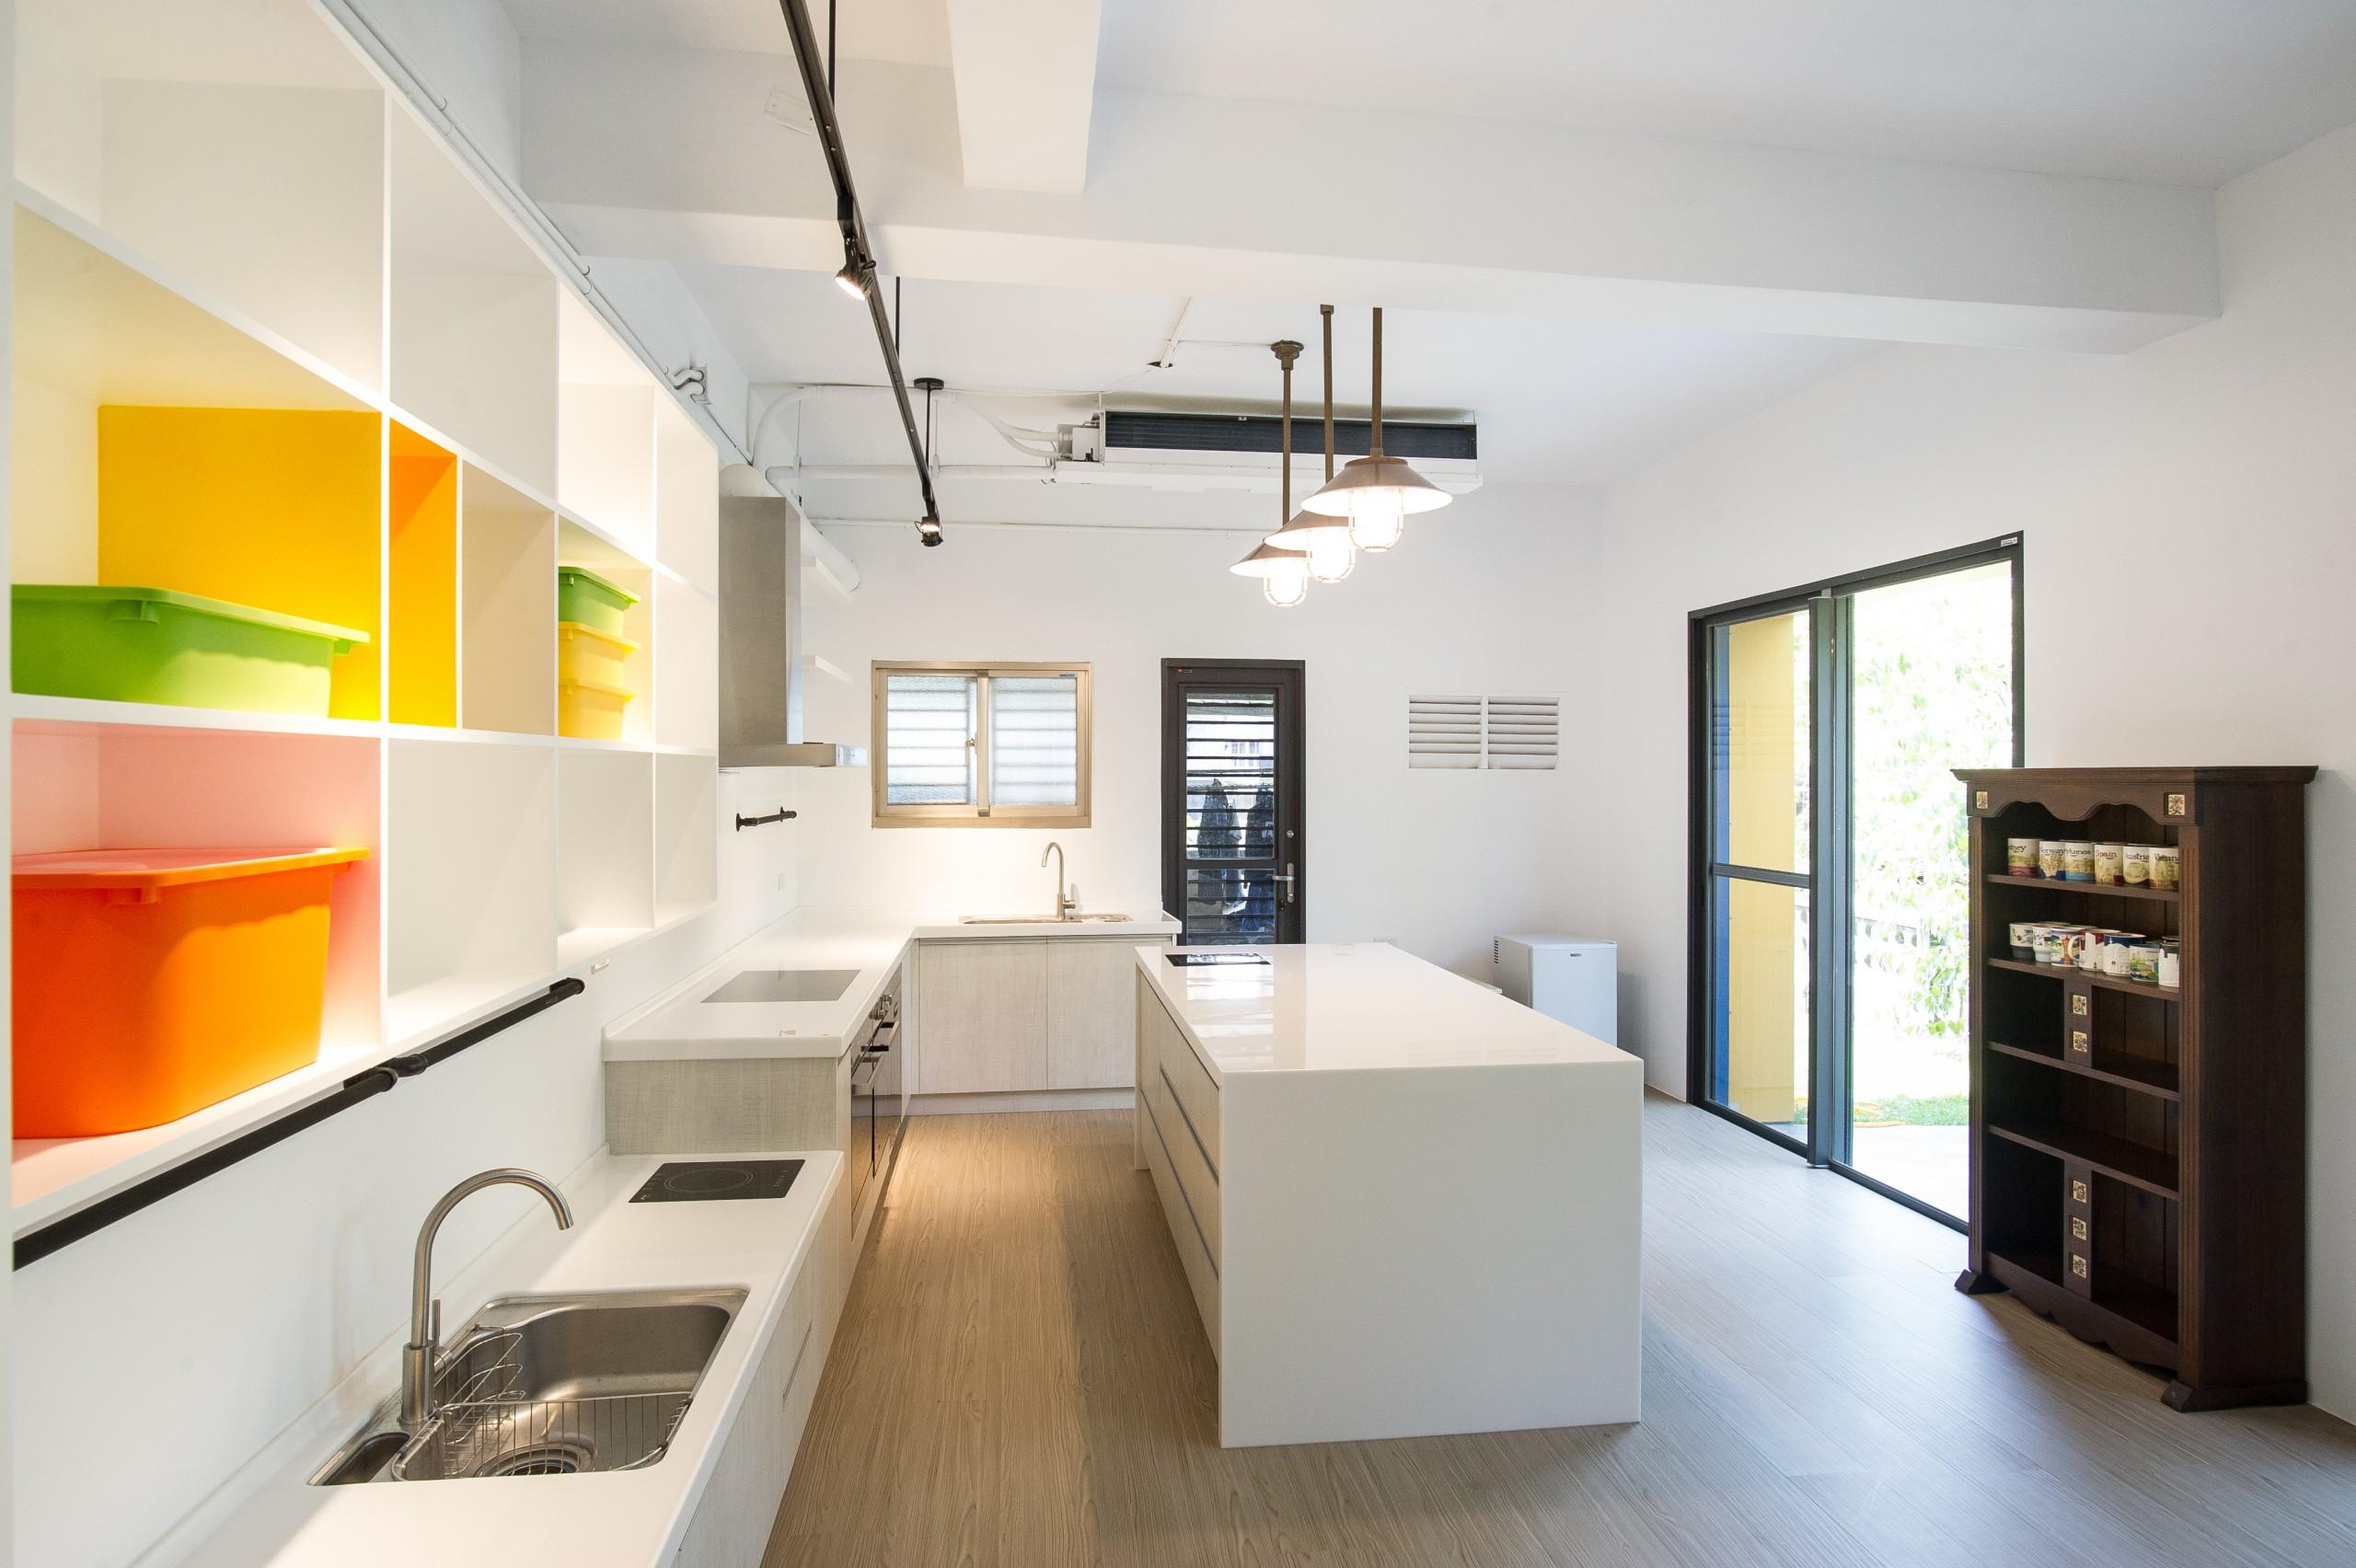 德築建設-宜蘭-老屋重建-空間設計放置別具時代意義和家族情感的老舊家物與裝飾